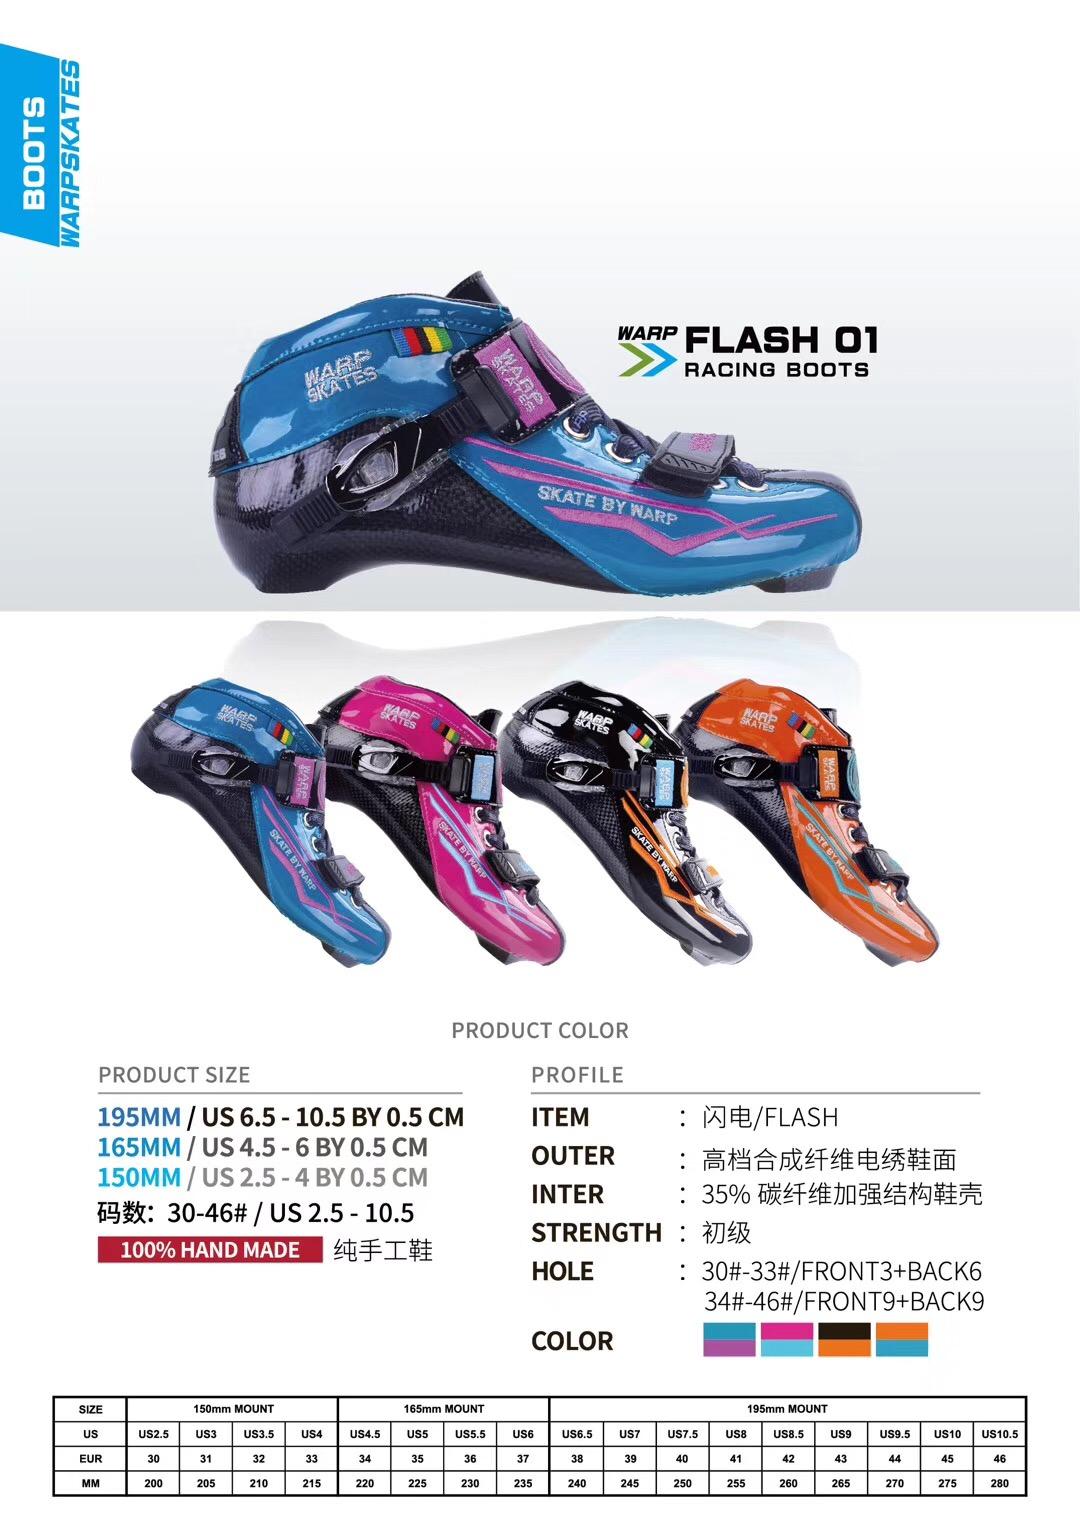 竞赛碳钎+玻钎闪电FLASH高端速滑鞋